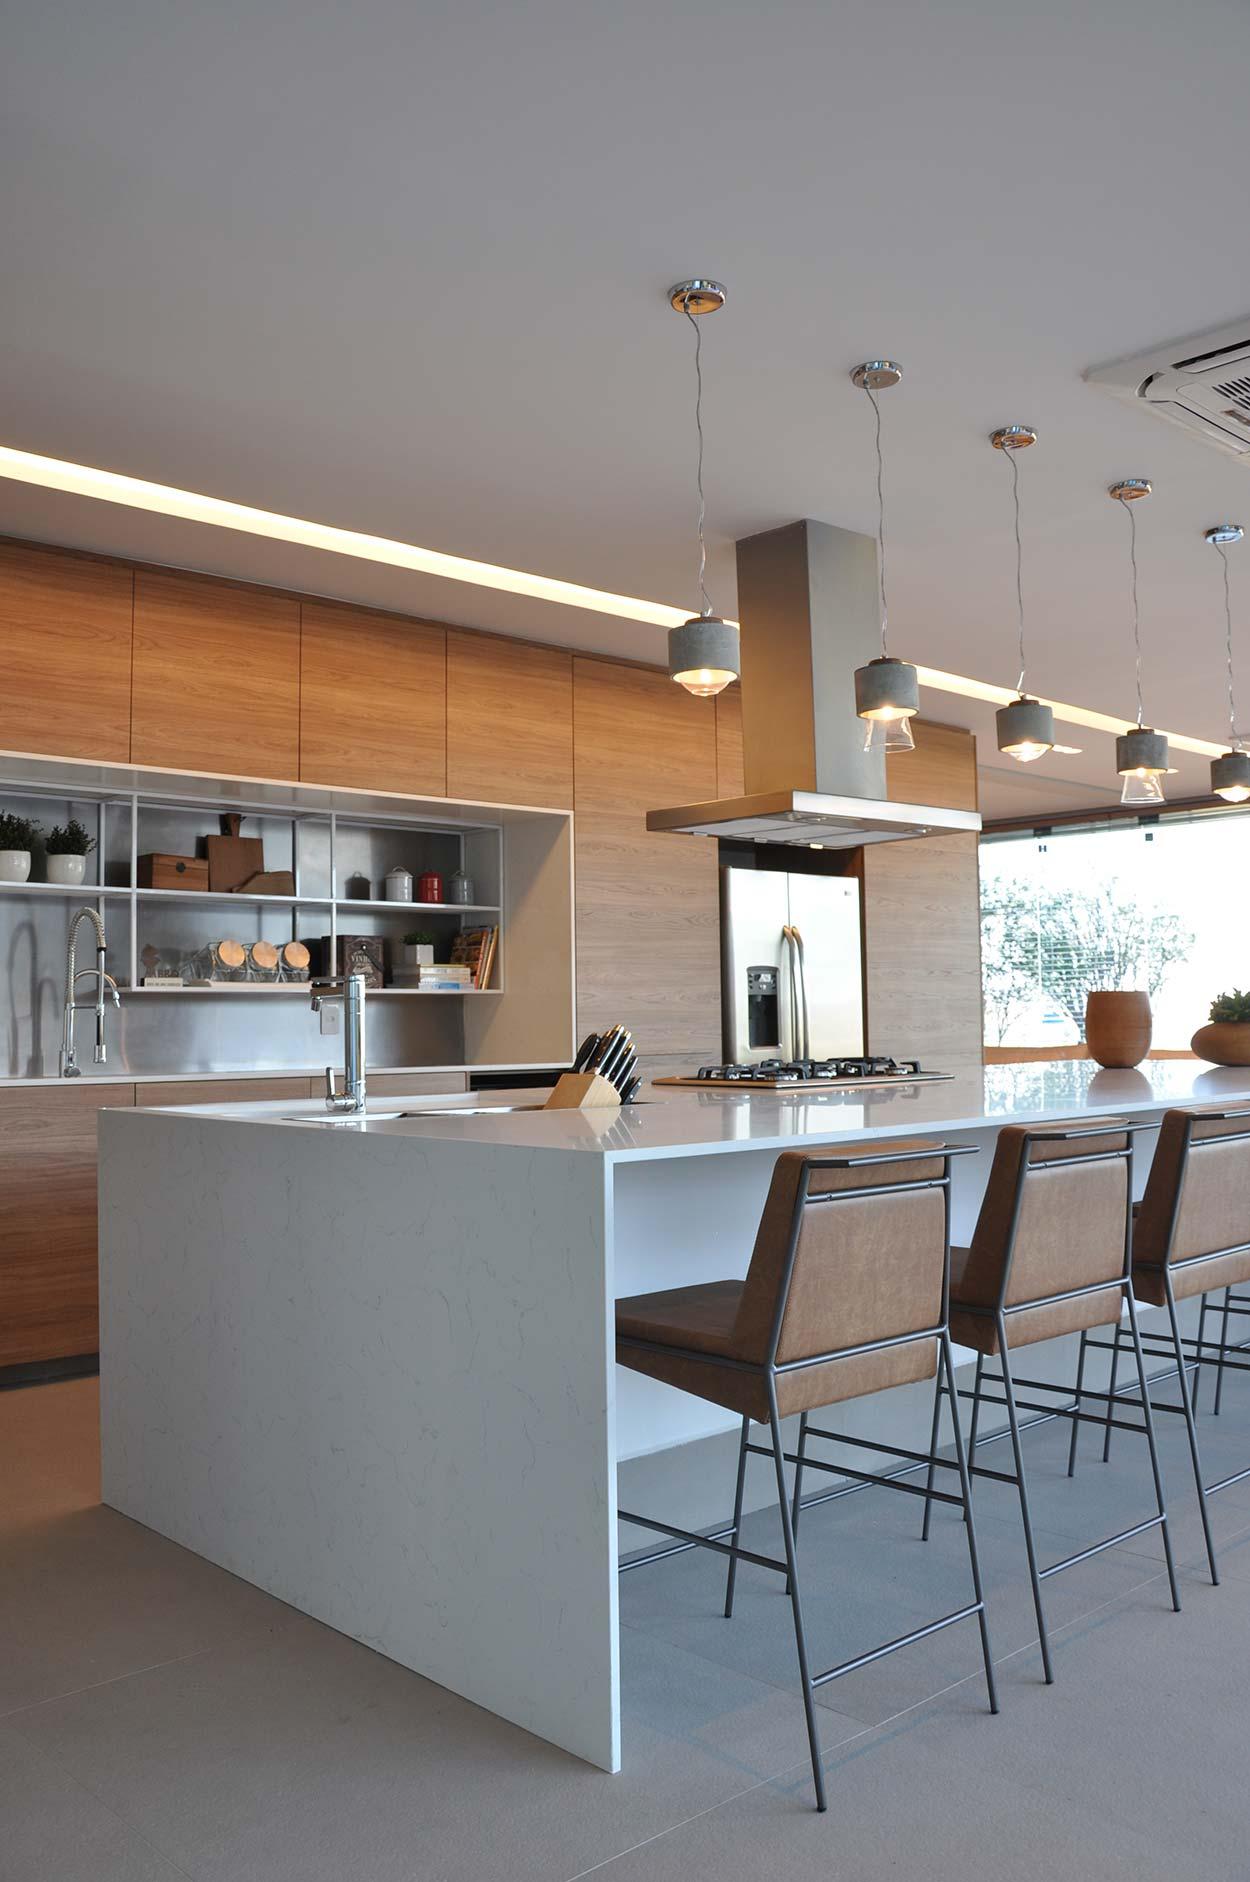 veridianaperes-interiores-residenciaFF6